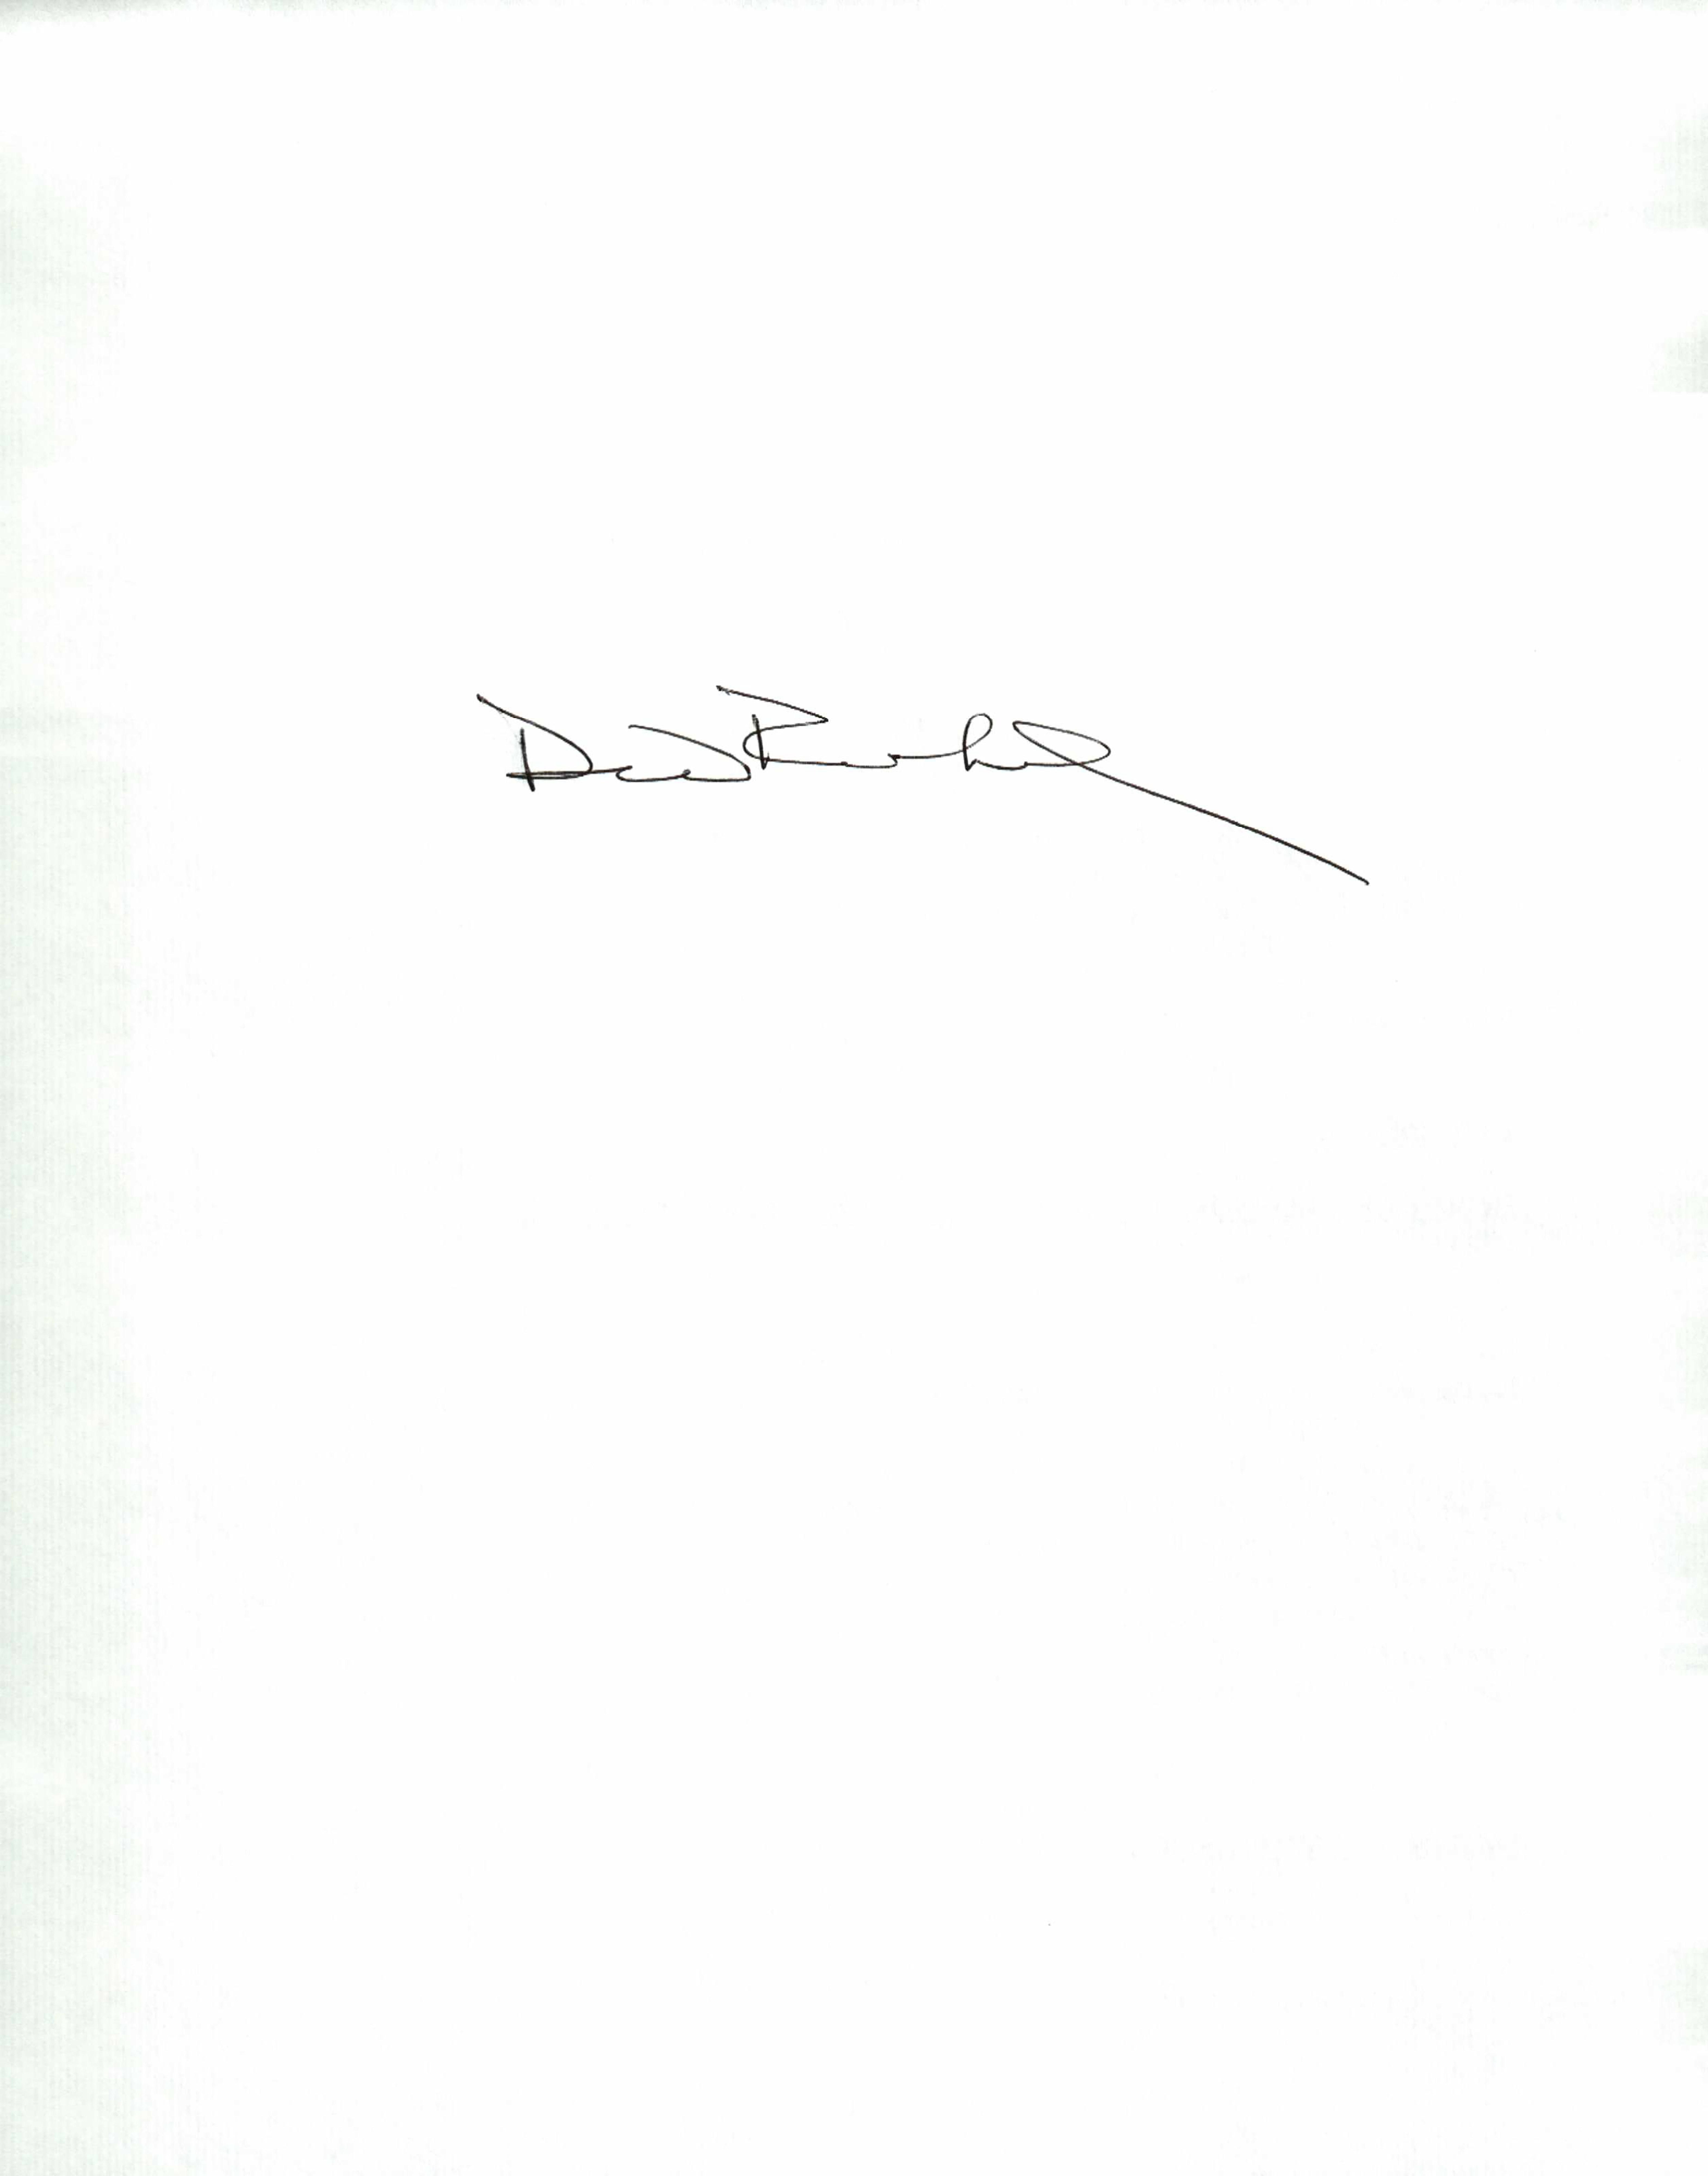 David Reinhard's Signature